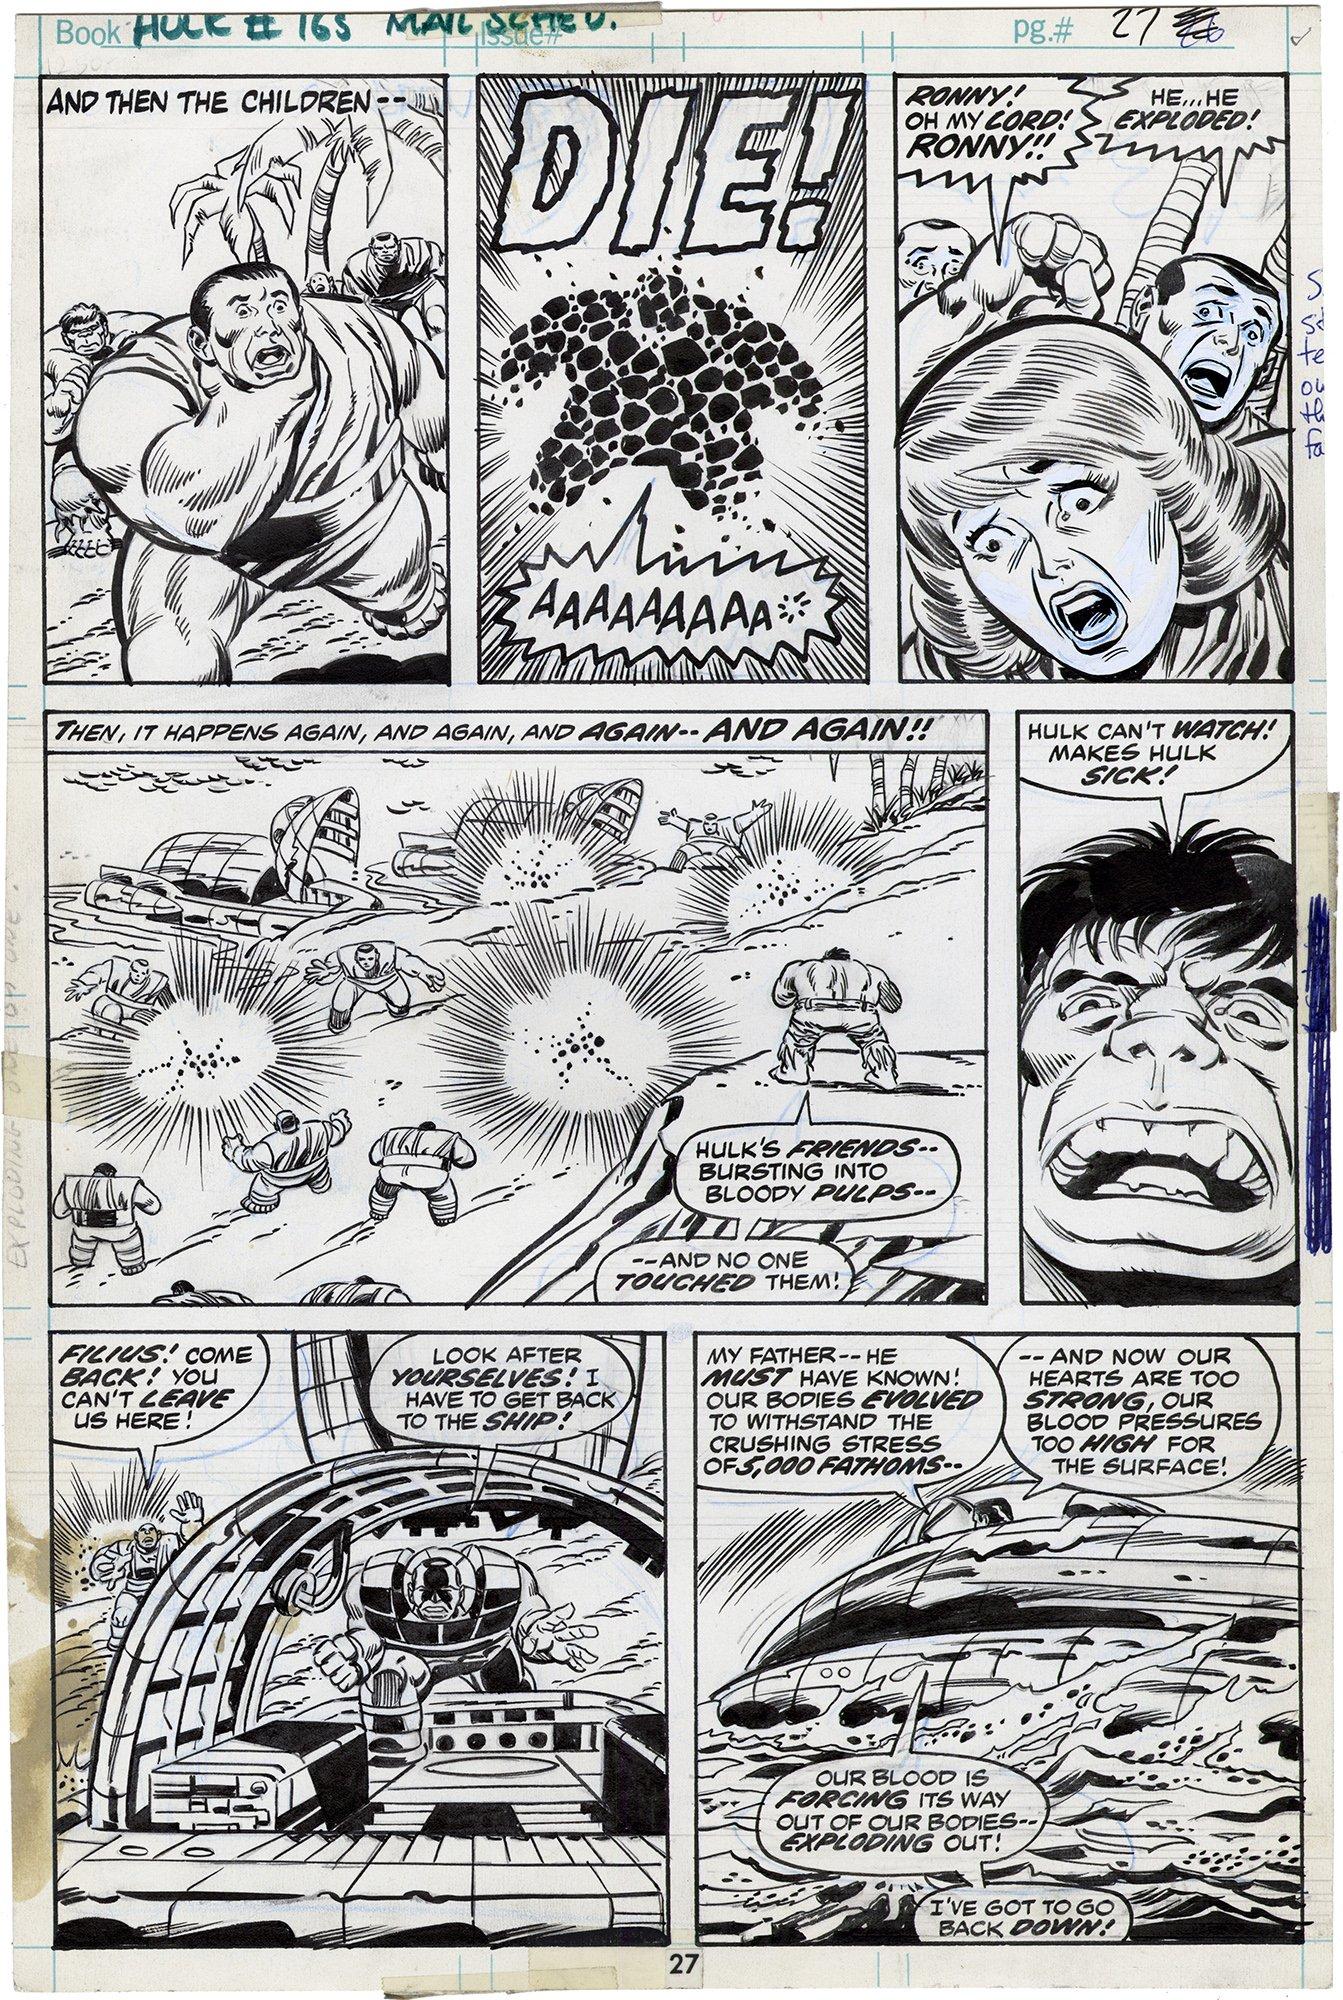 Incredible Hulk #165 p27